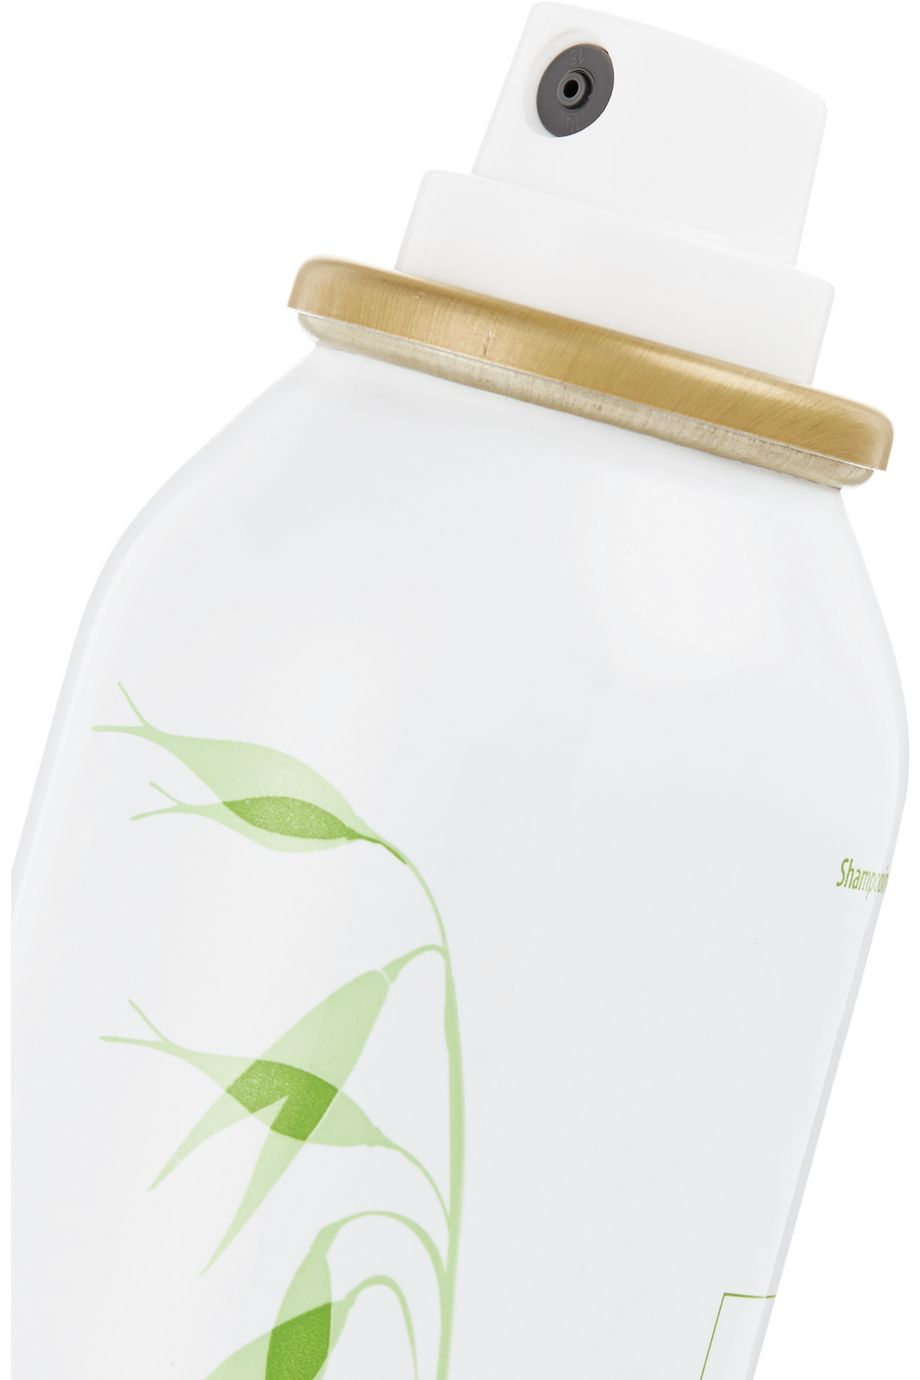 Klorane Dry Shampoo with Oat Milk, 150ml